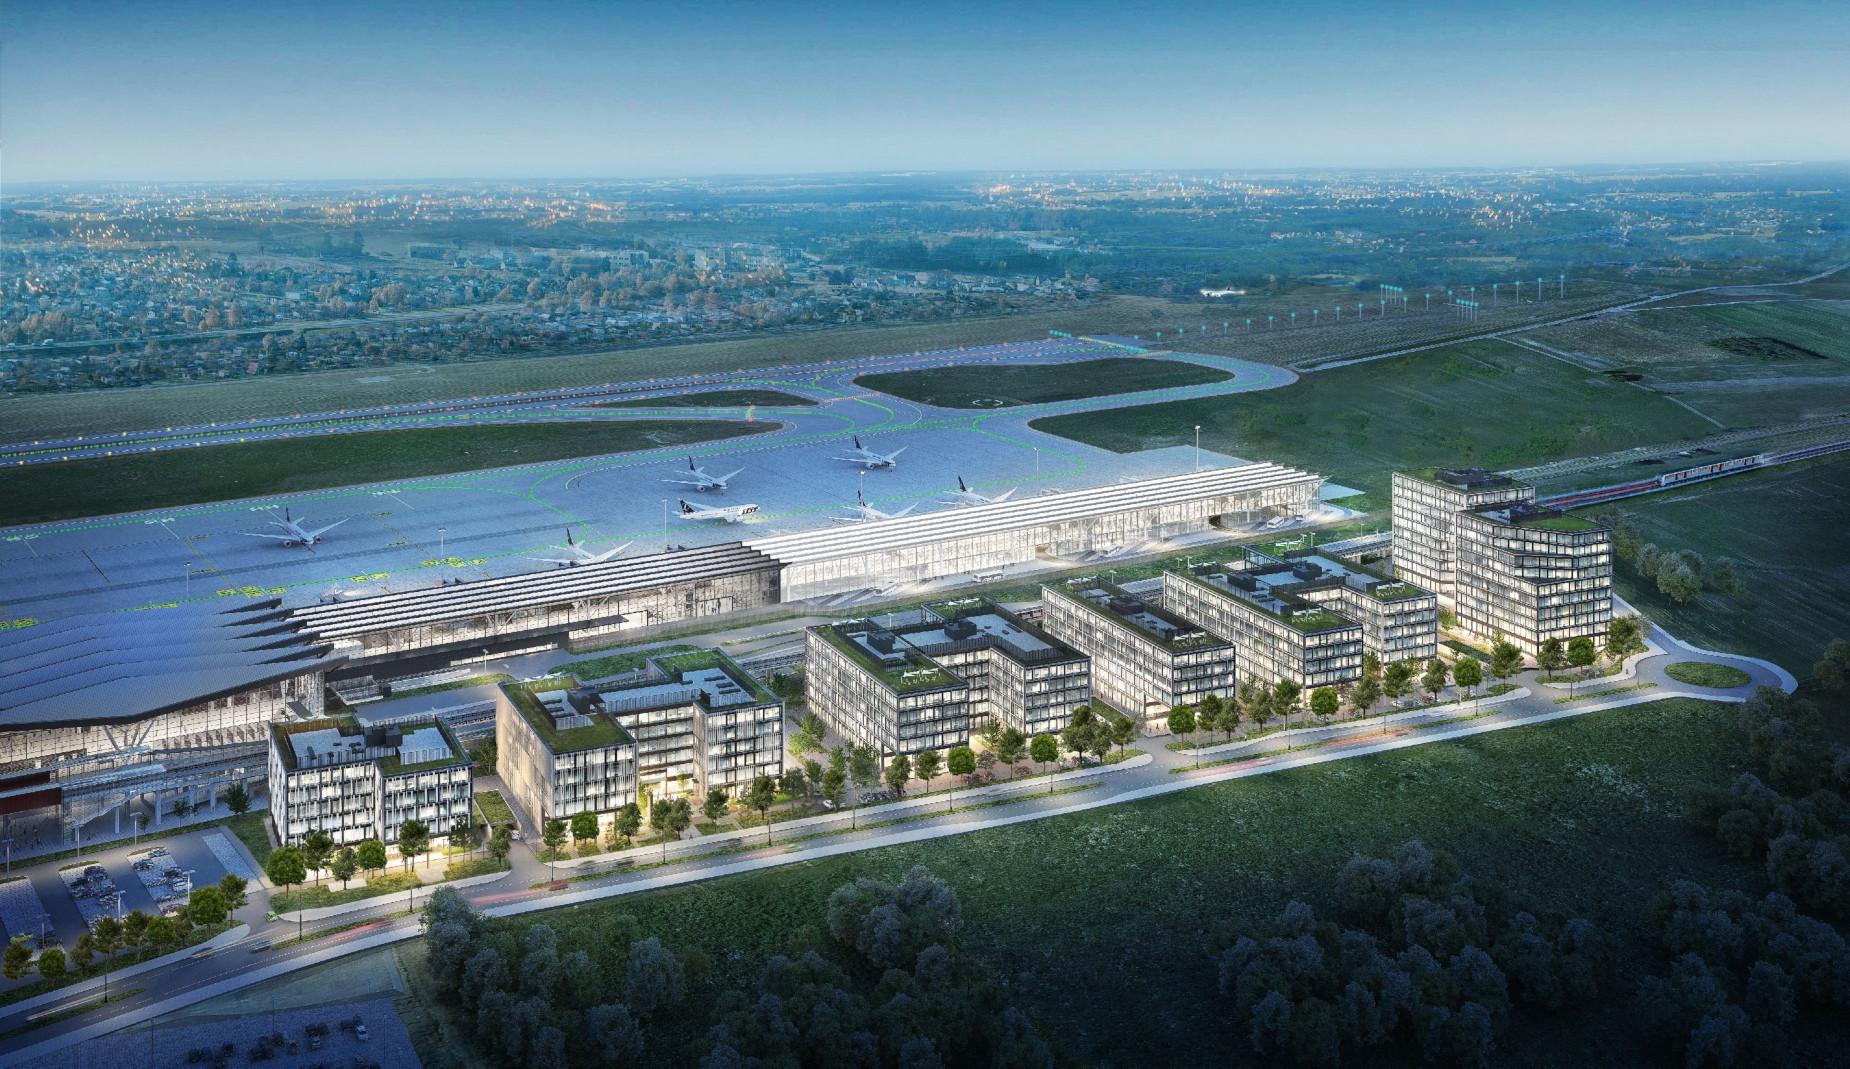 Takiej inwestycji jeszcze w Polsce nie było! Airport City Gdańsk, czyli biznesowe centrum przy lotnisku